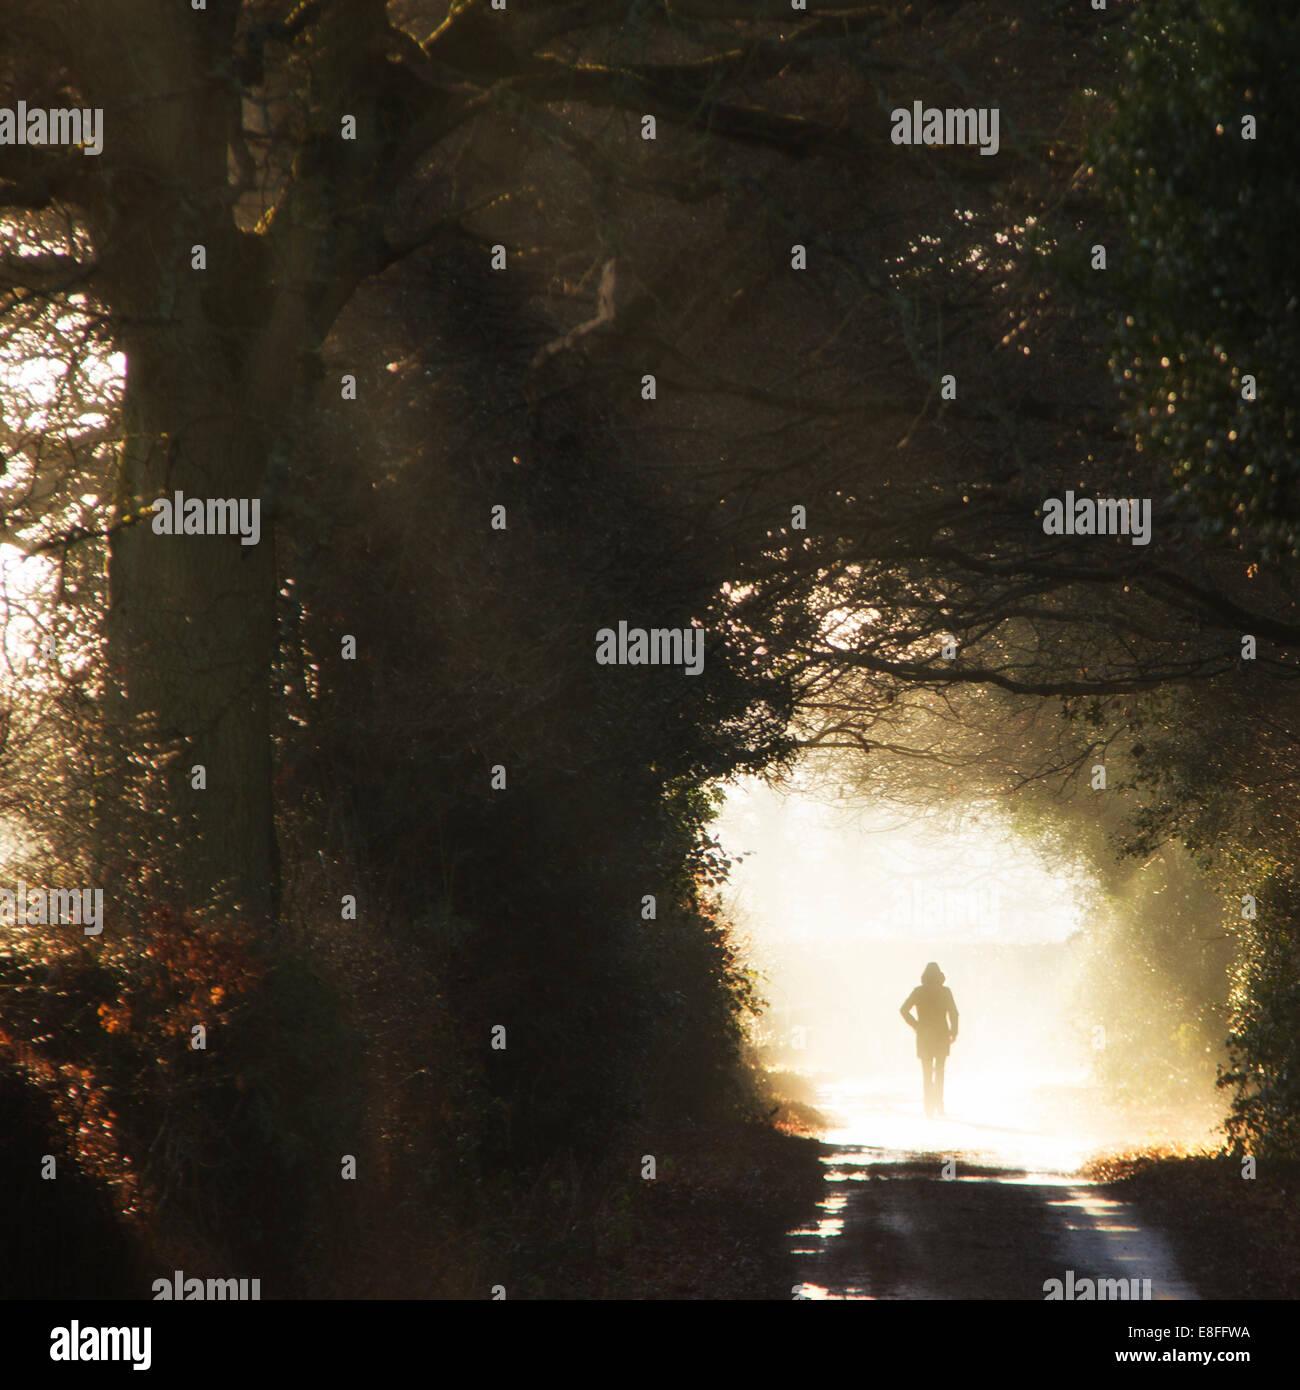 Rückansicht der Fußgänger in Sonne Stockfoto